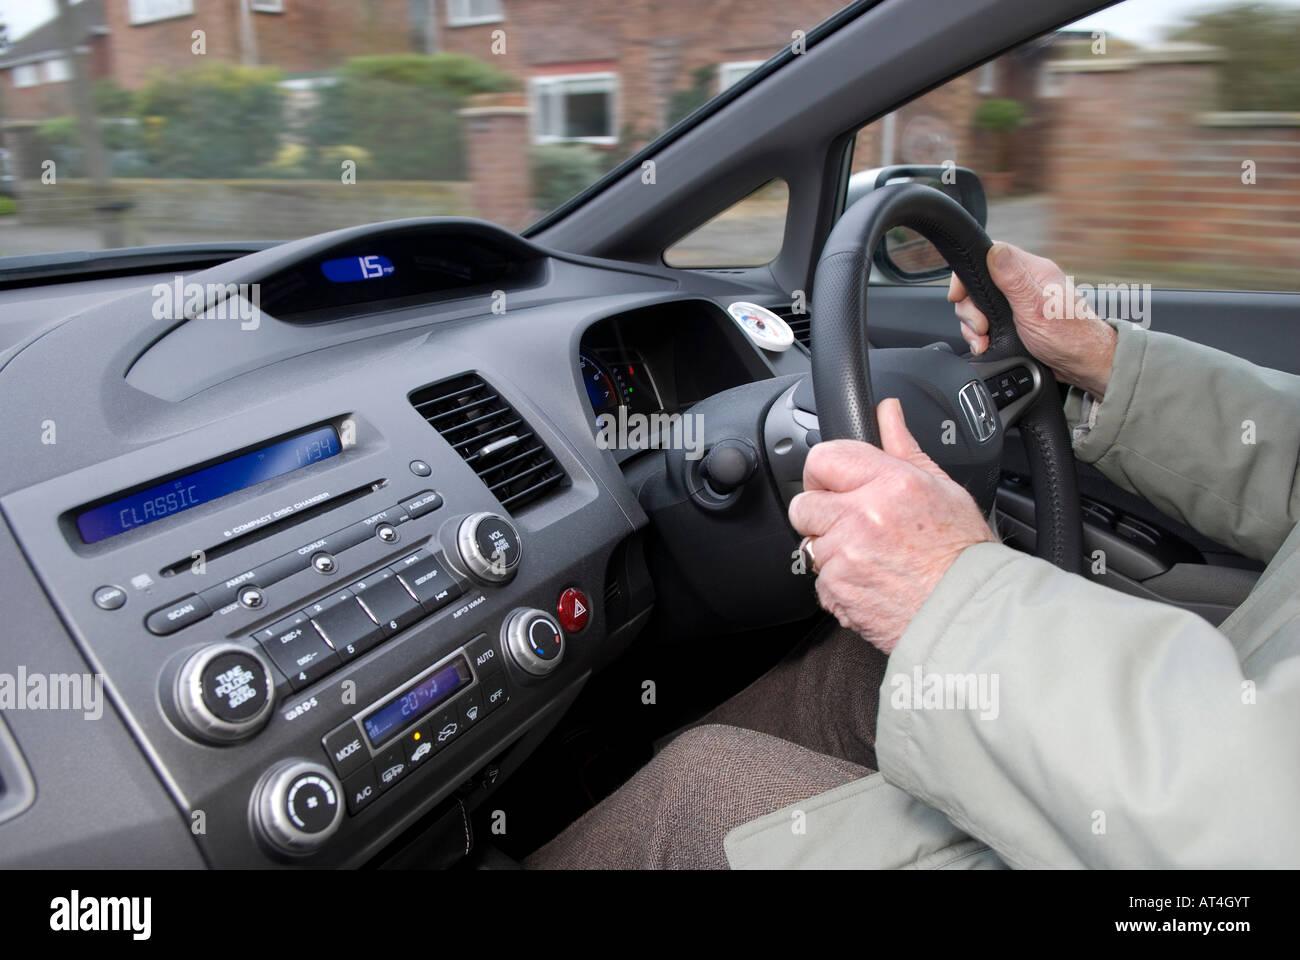 Rentner fahren Hybrid-motor Auto Stockbild